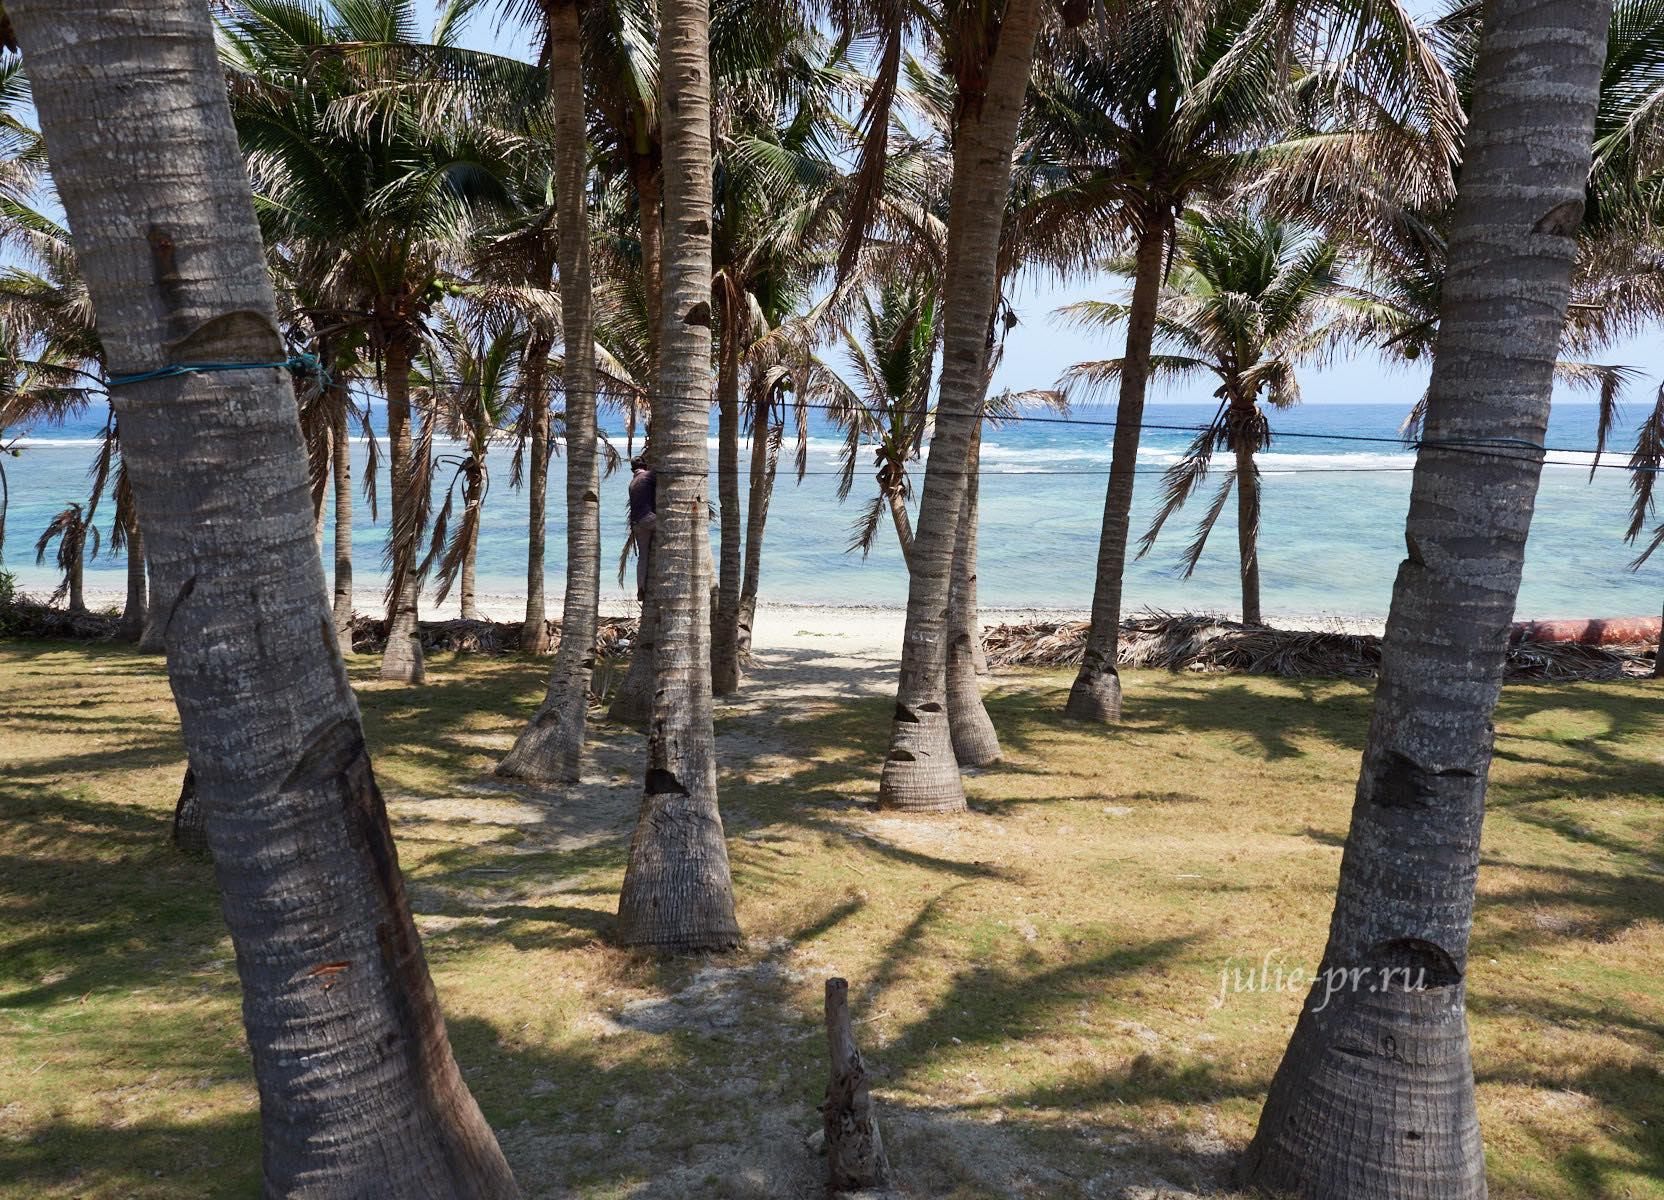 Филиппины, острова Батанес, пальмы